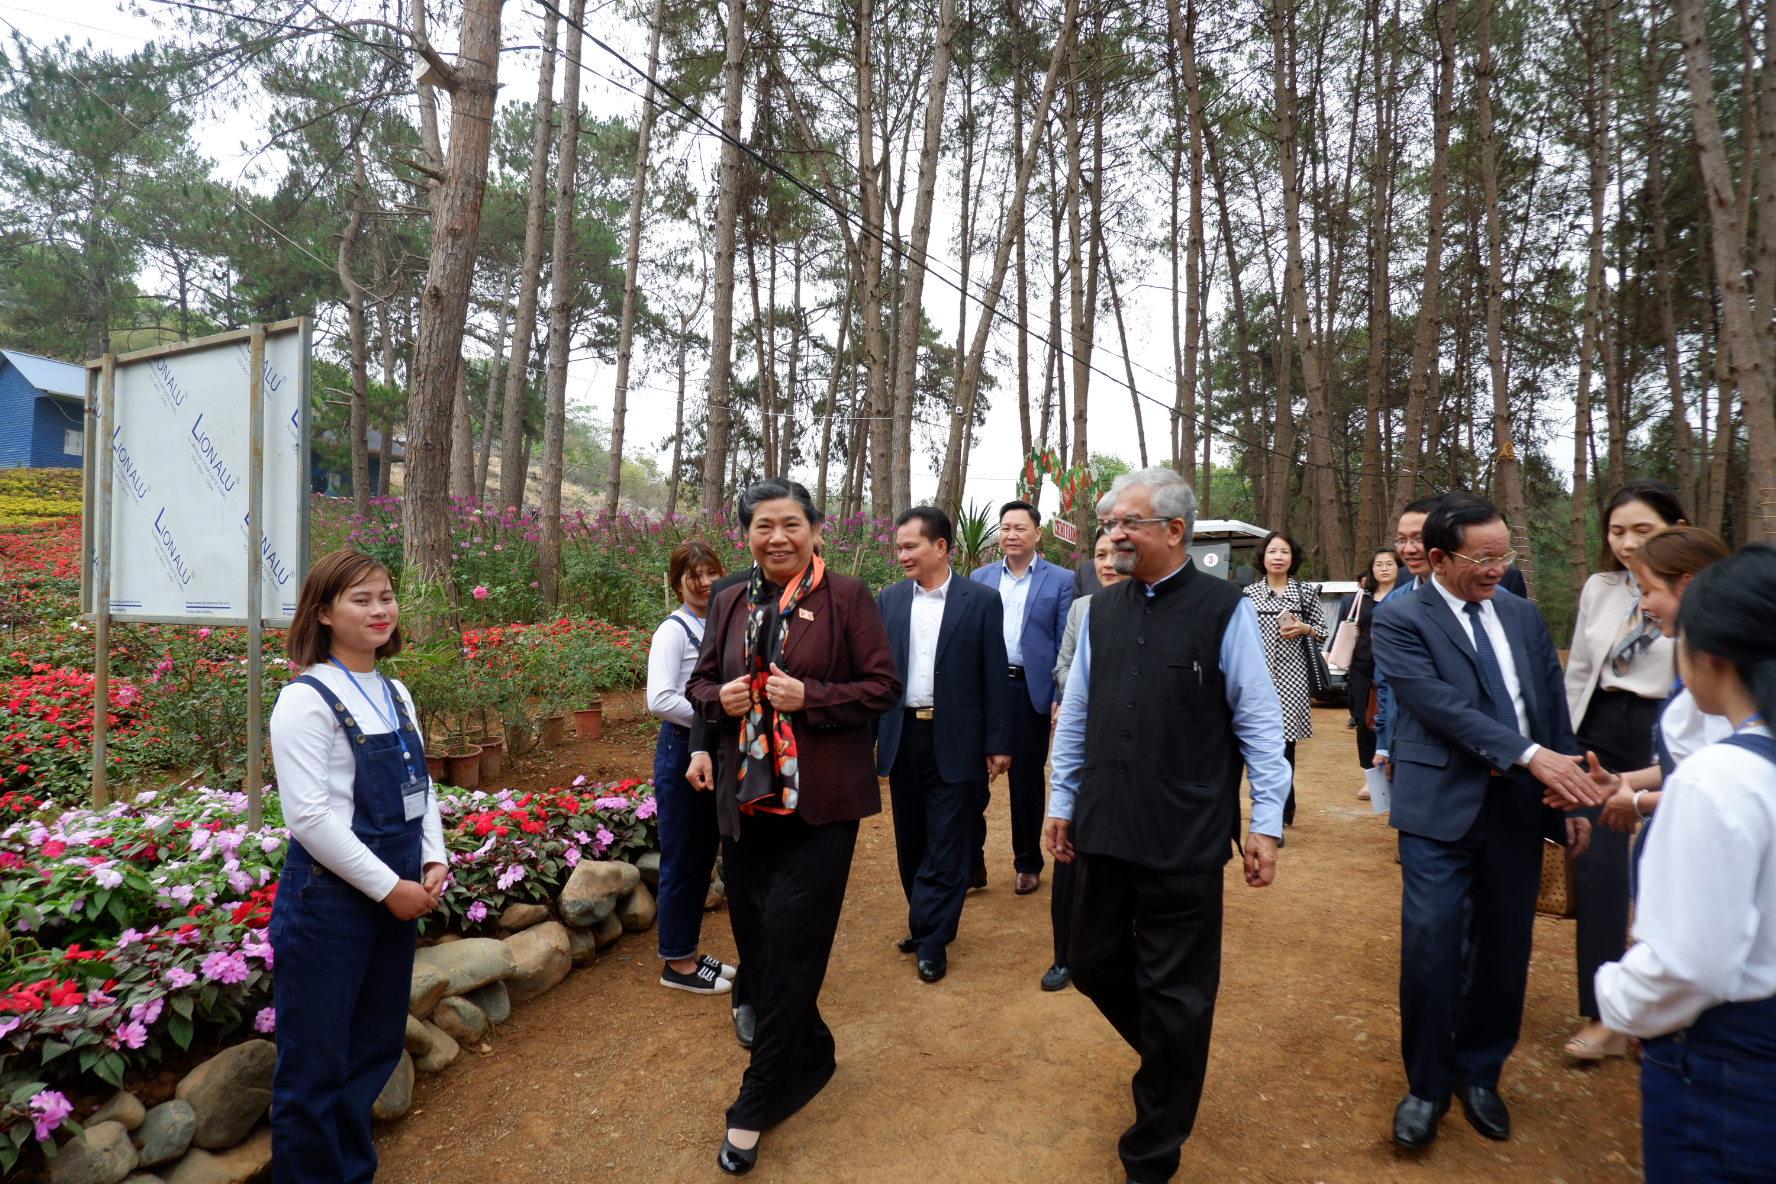 Đi cùng phó Chủ tịch Quốc hội Tòng Thị Phóng còn có ông Kamal Malhotra, Điều phối Liên Hợp Quốc tại Việt Nam